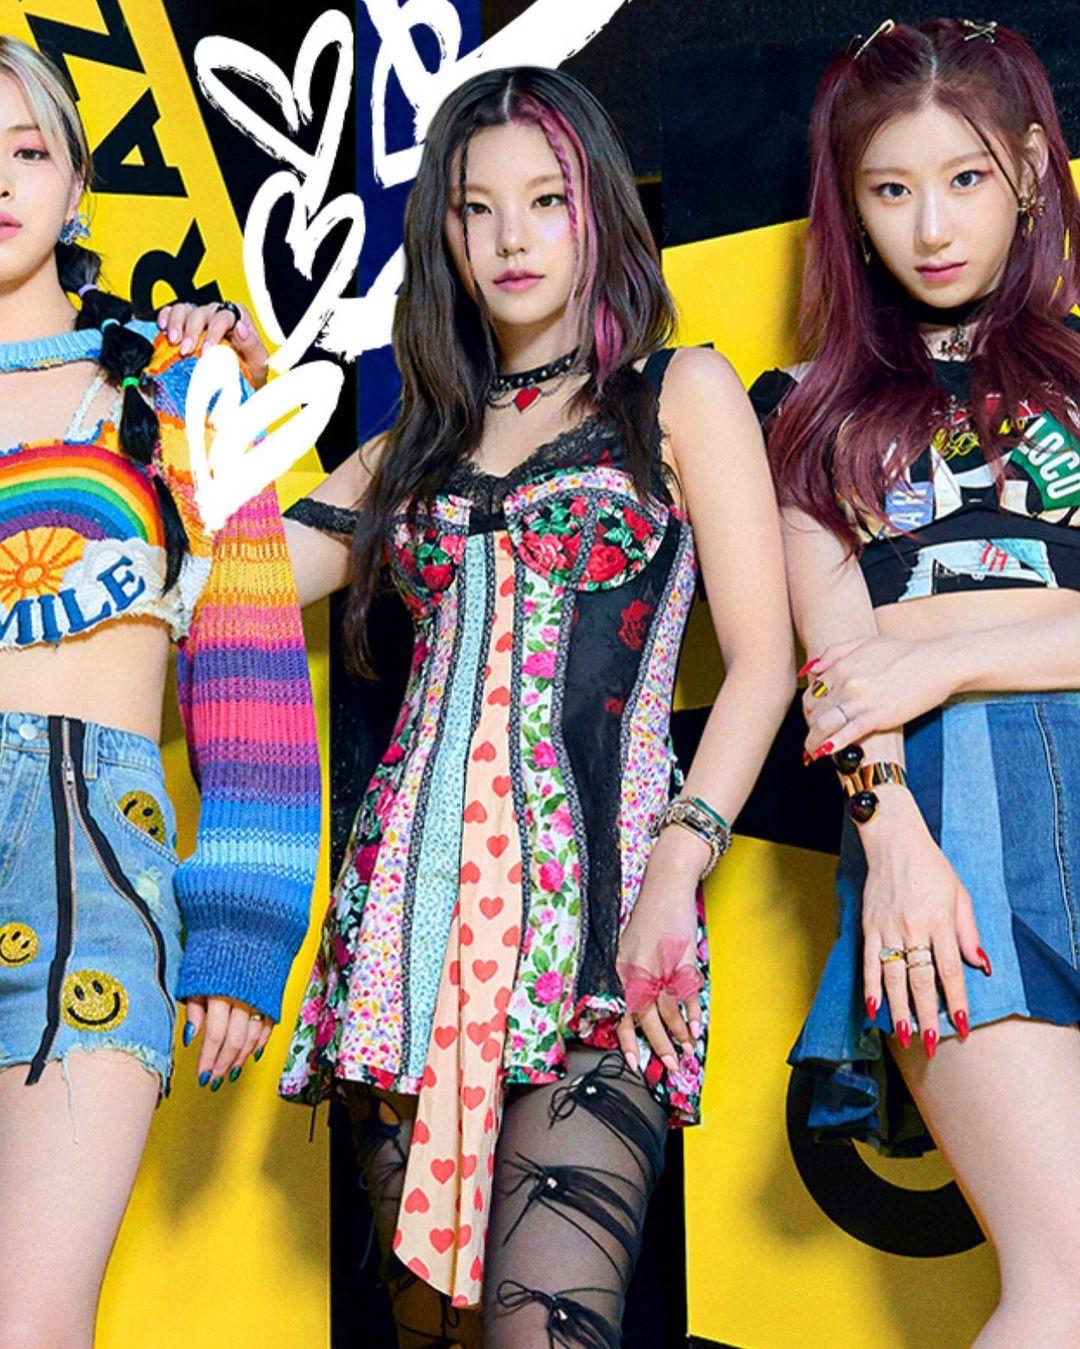 Tóc highlight là xu hướng đang lên ngôi ở Kpop gần đây. Bên cạnh các đàn chị gen 3 như Red Velvet, Twice hay Black Pink, các girlgroup gen 4 như ITZY, StayC cũng hưởng ứng trào lưu này rất nhiệt tình. Trong đợt comeback mới đây, ITZY tái xuất với concept cool ngầu đầy màu sắc. Trong đó, nổi bật là mái tóc highlight của Yeji và Ryu Jin.